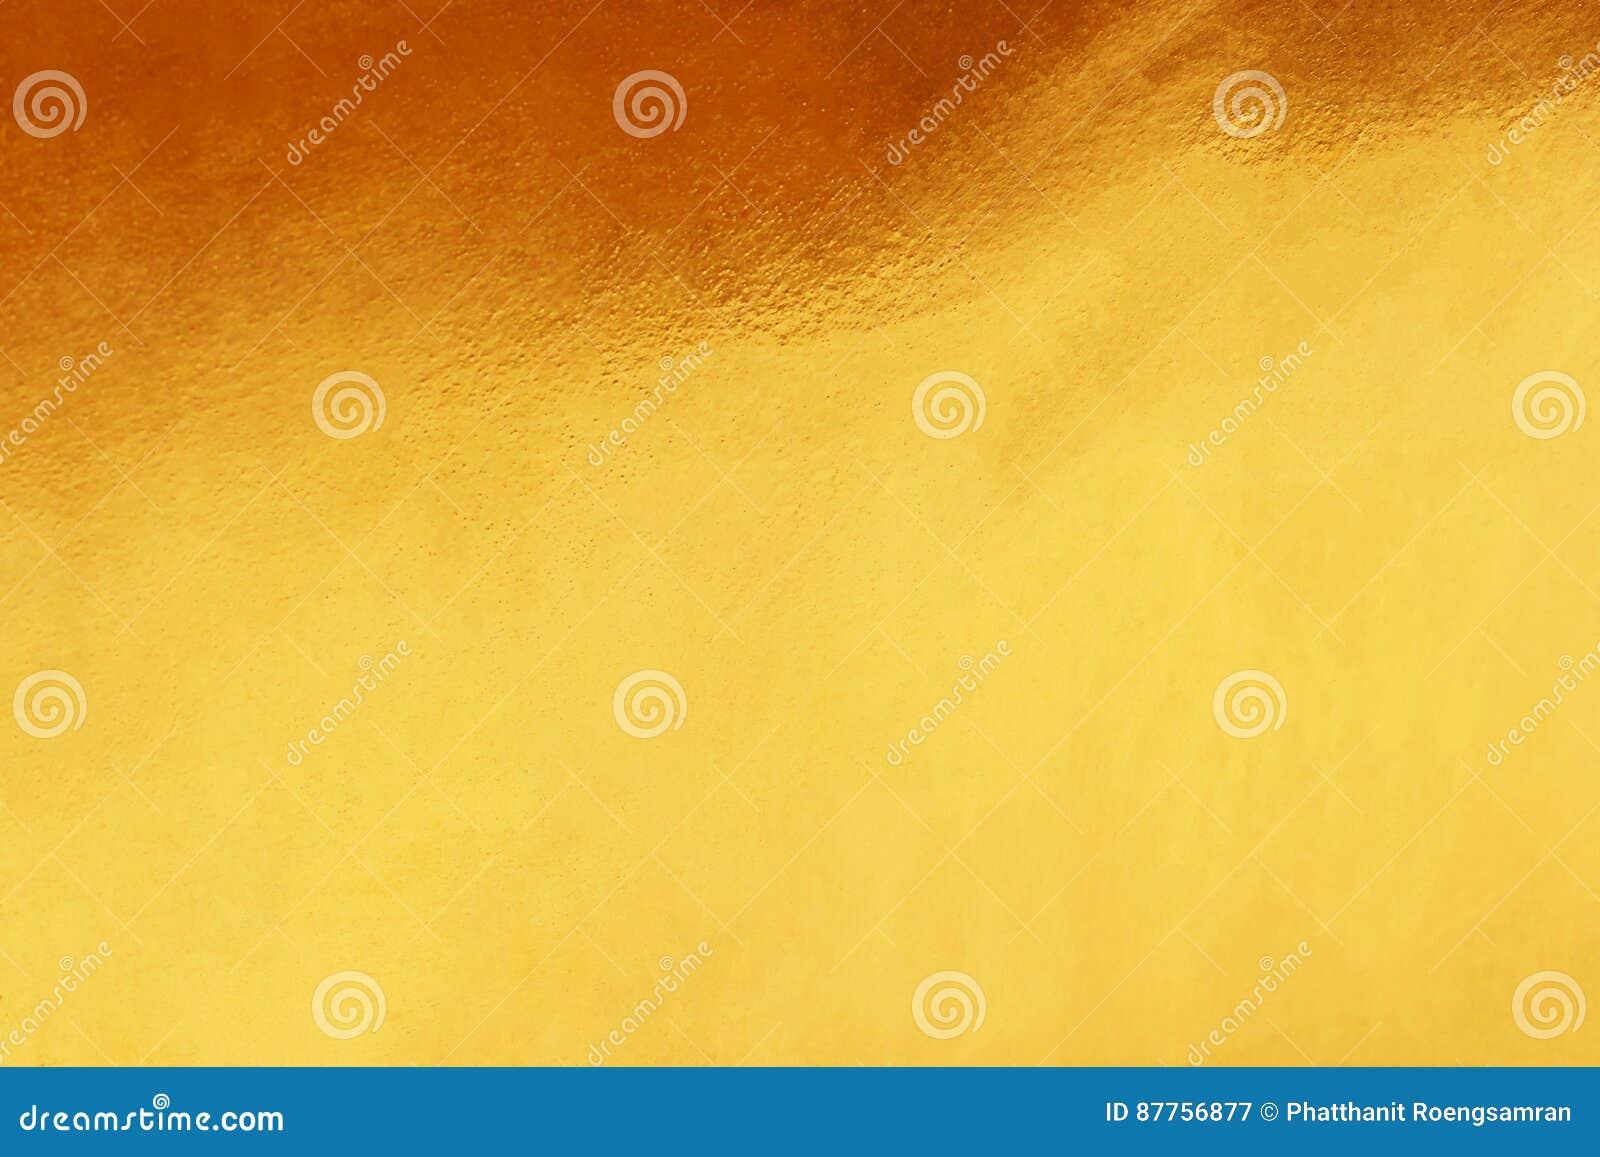 Gouden achtergrond of textuur en gradiëntenschaduw